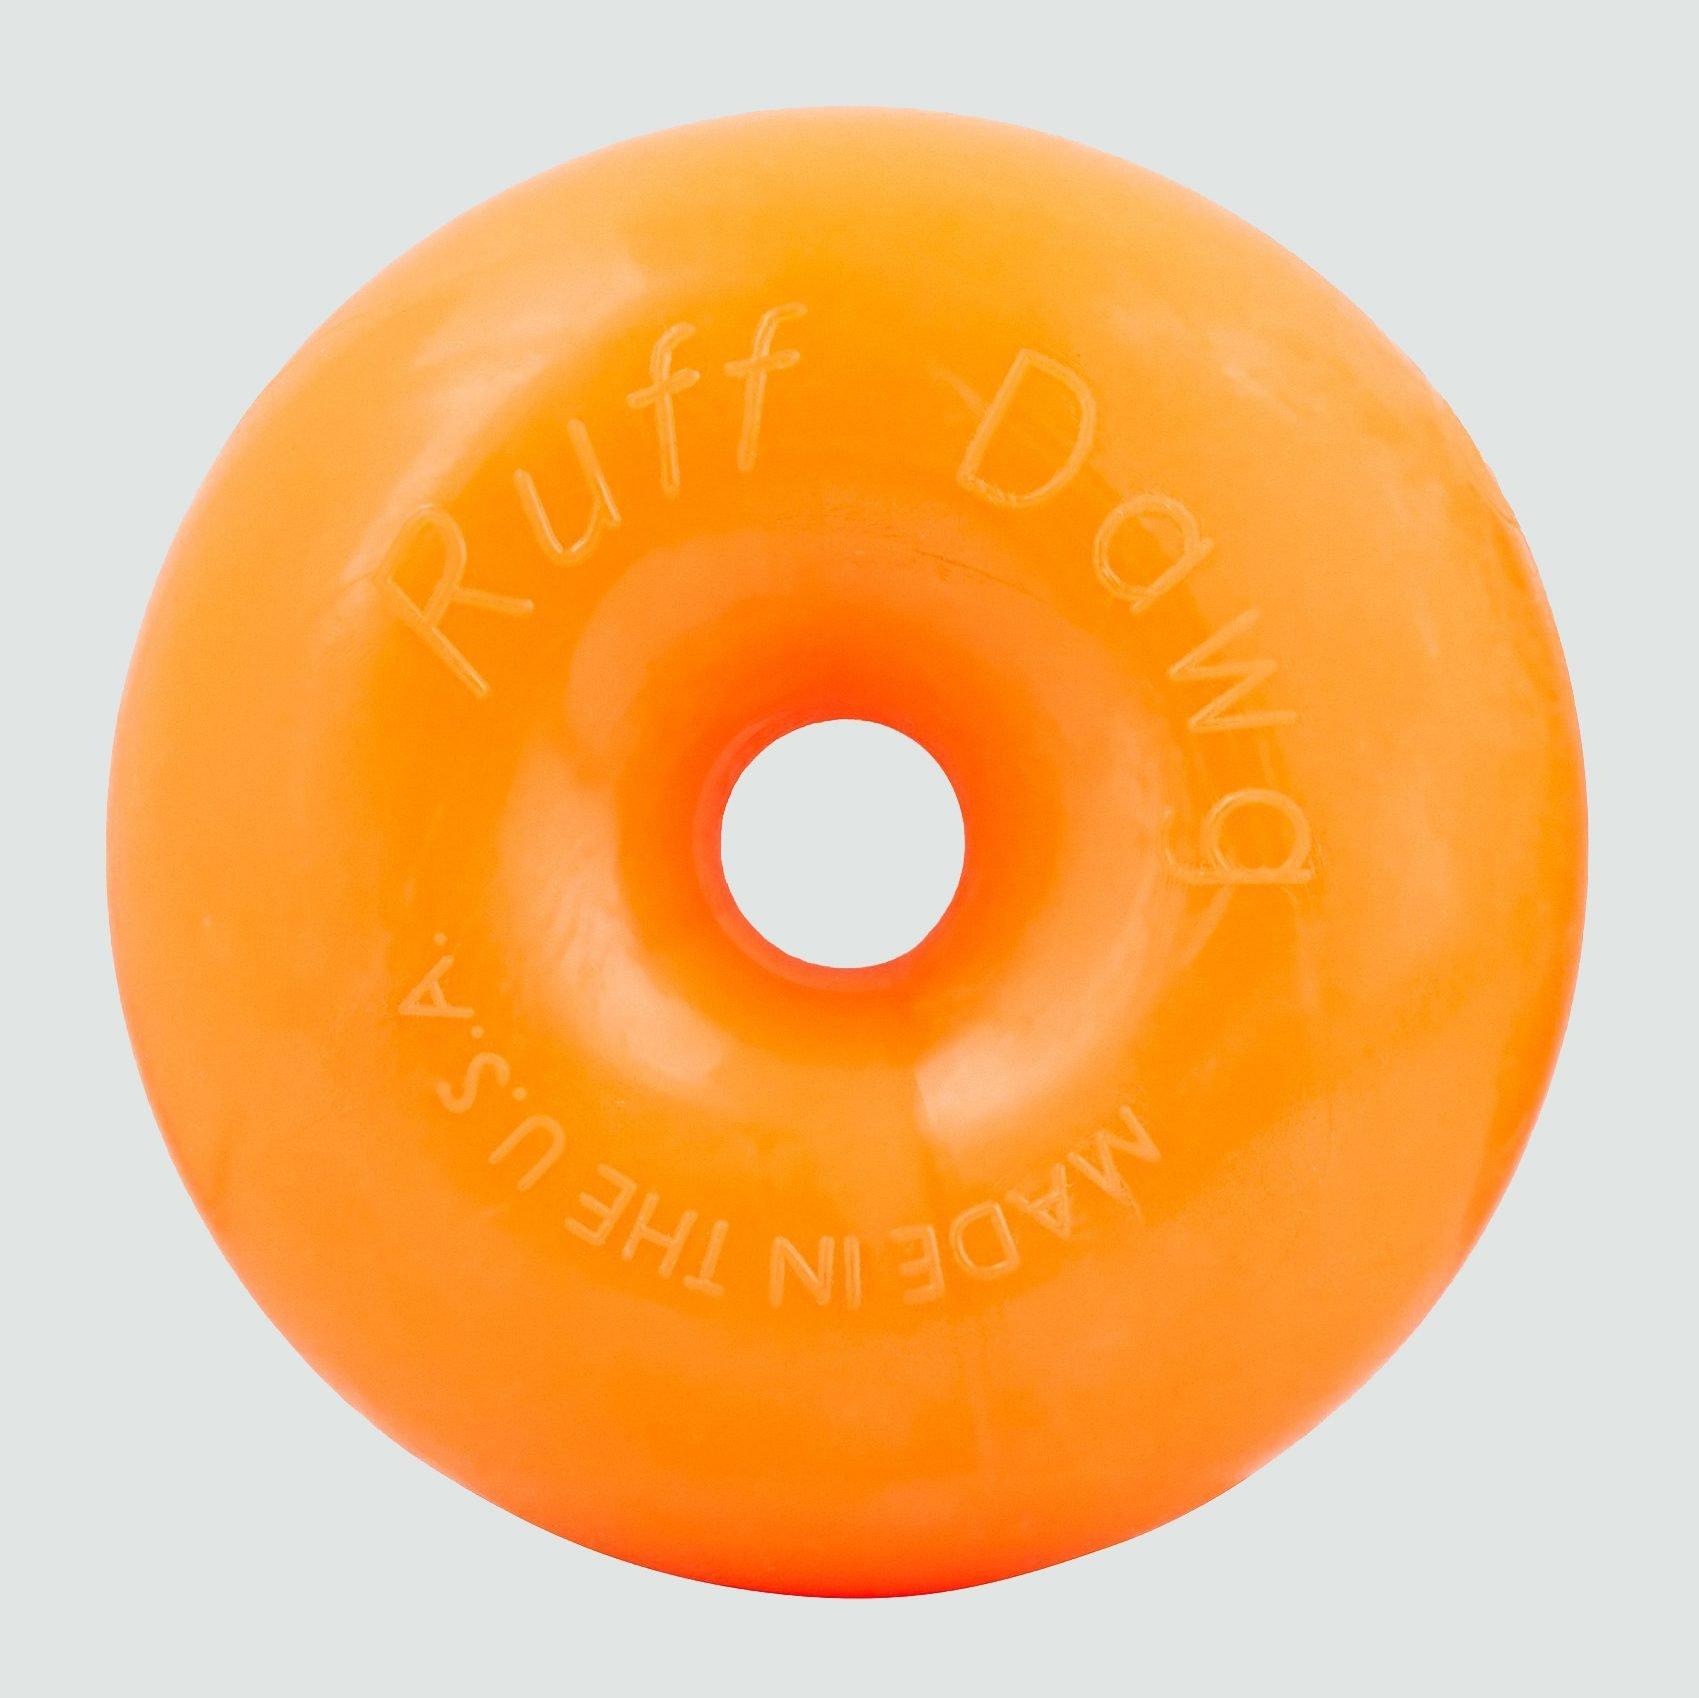 Ruff Dawg Indestructible Dawg Nut